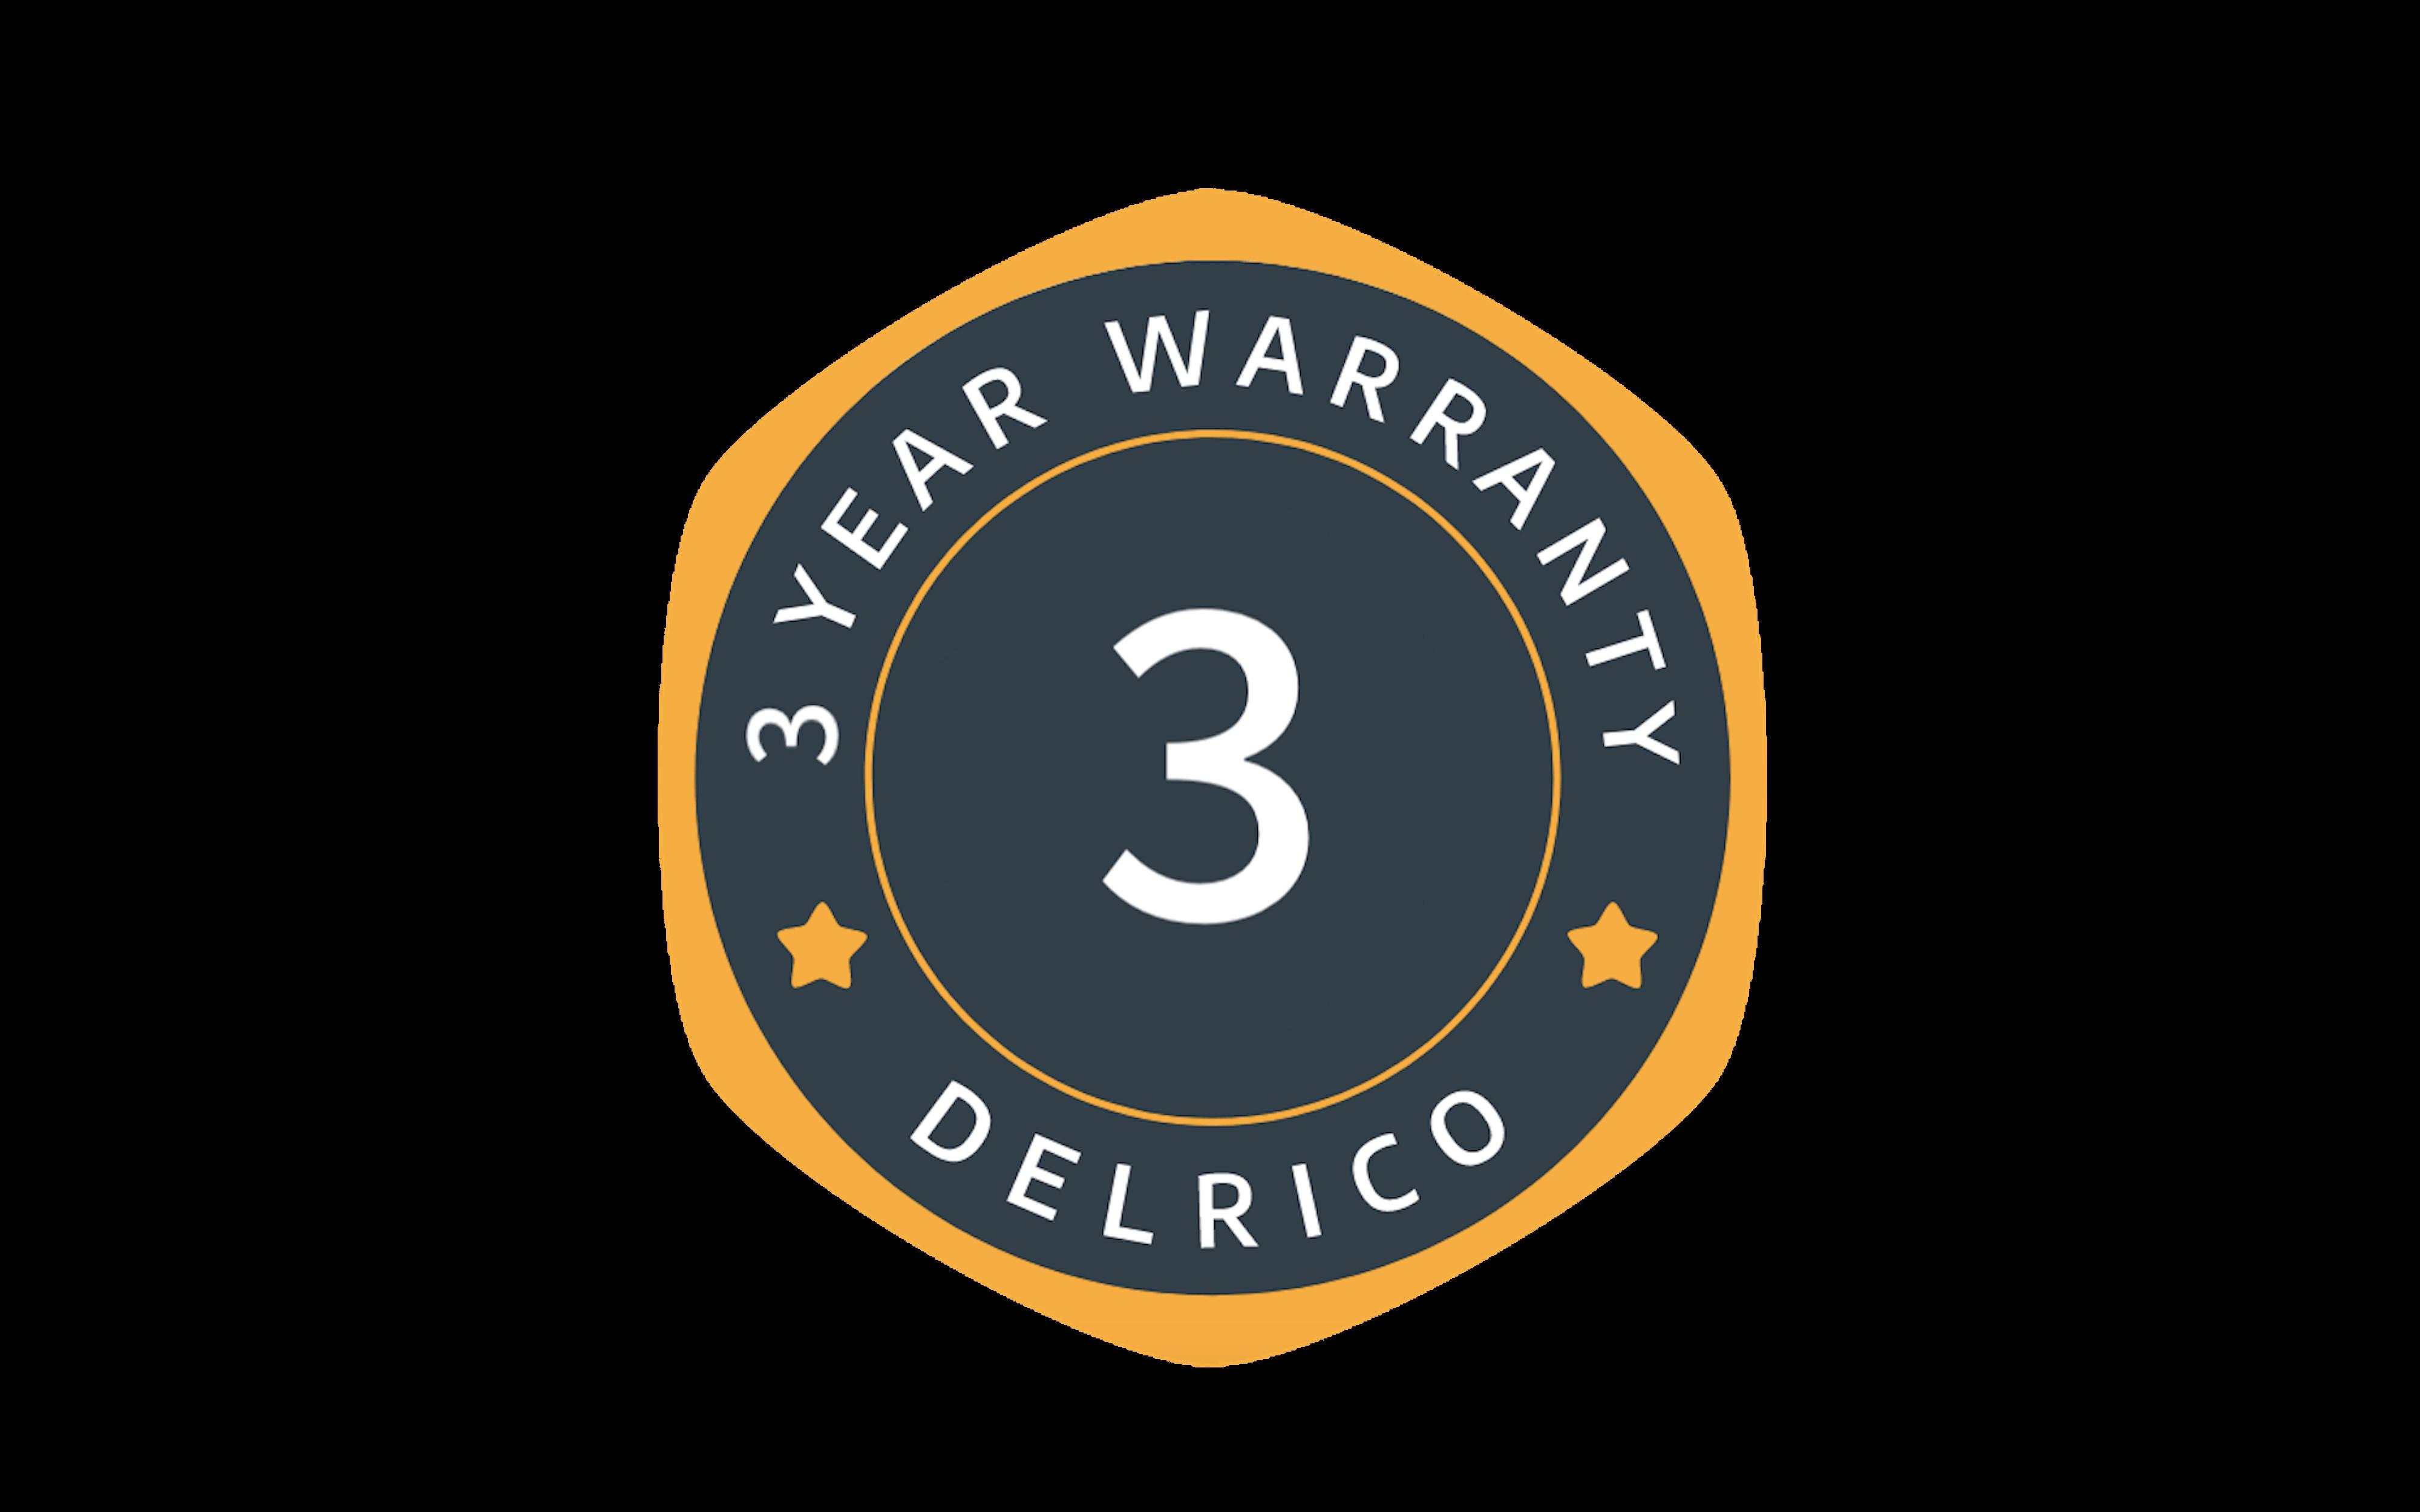 2 year delrico warranty